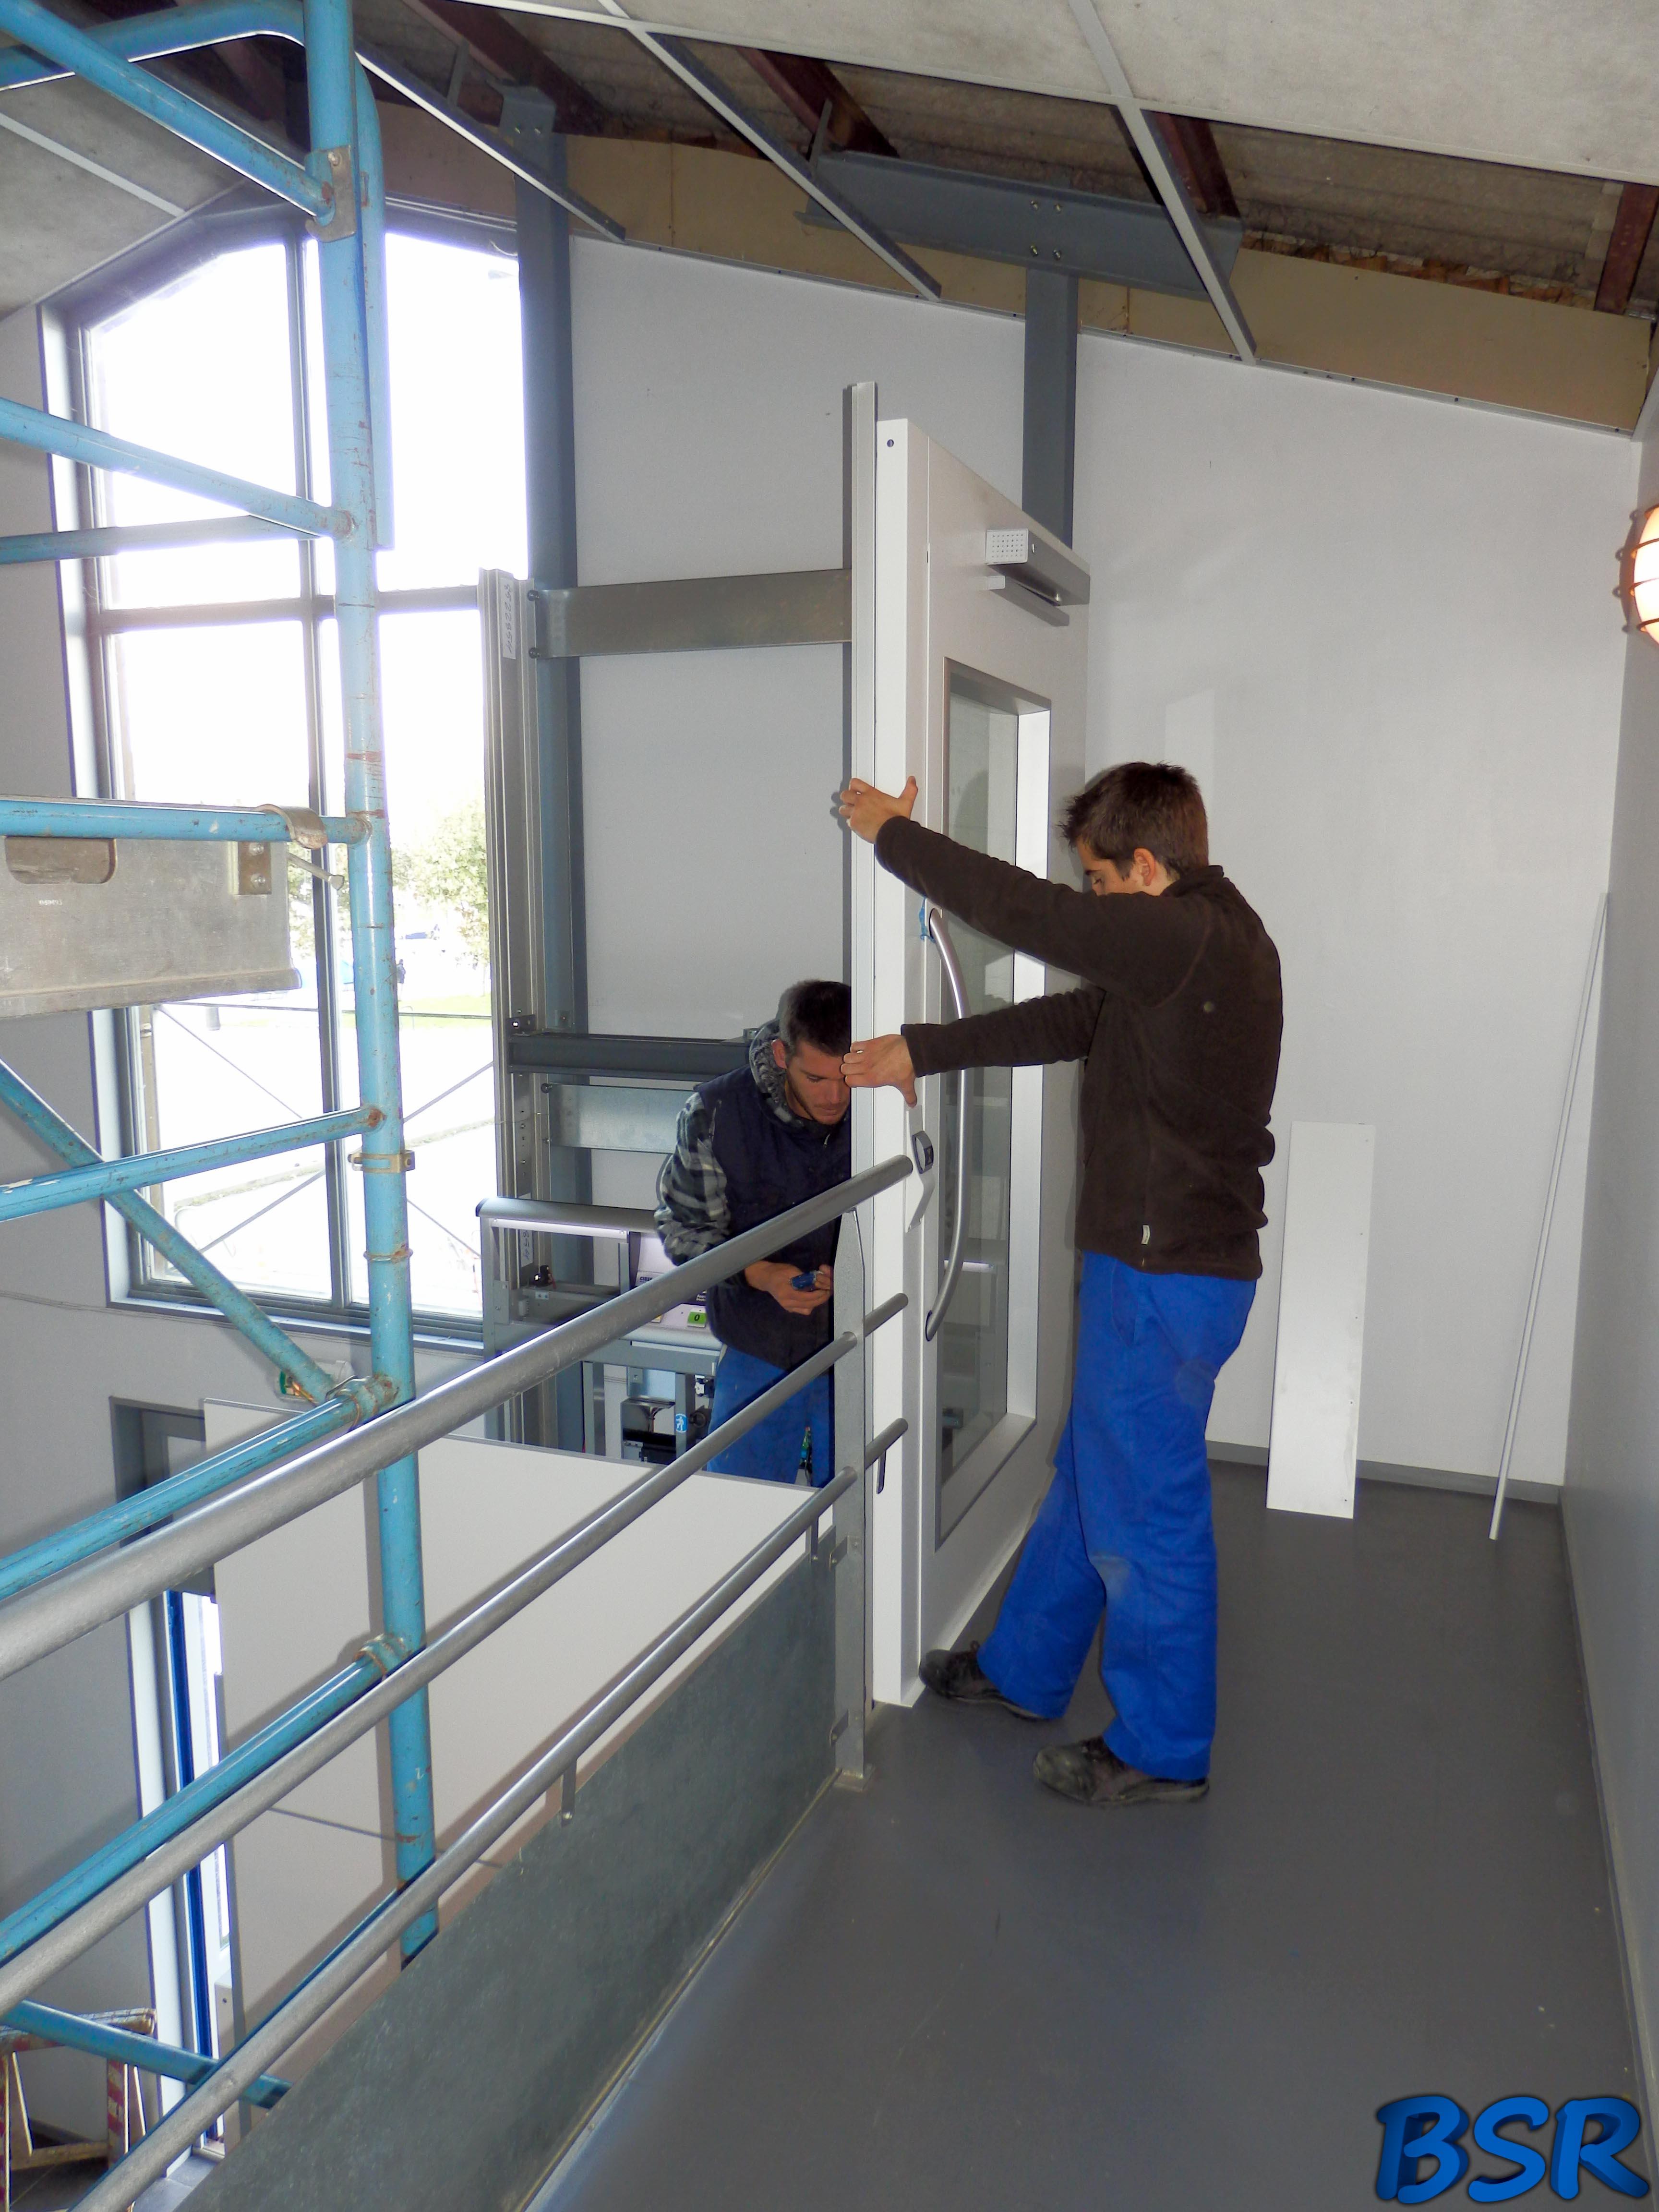 Platforme Elevatrice BSR 008